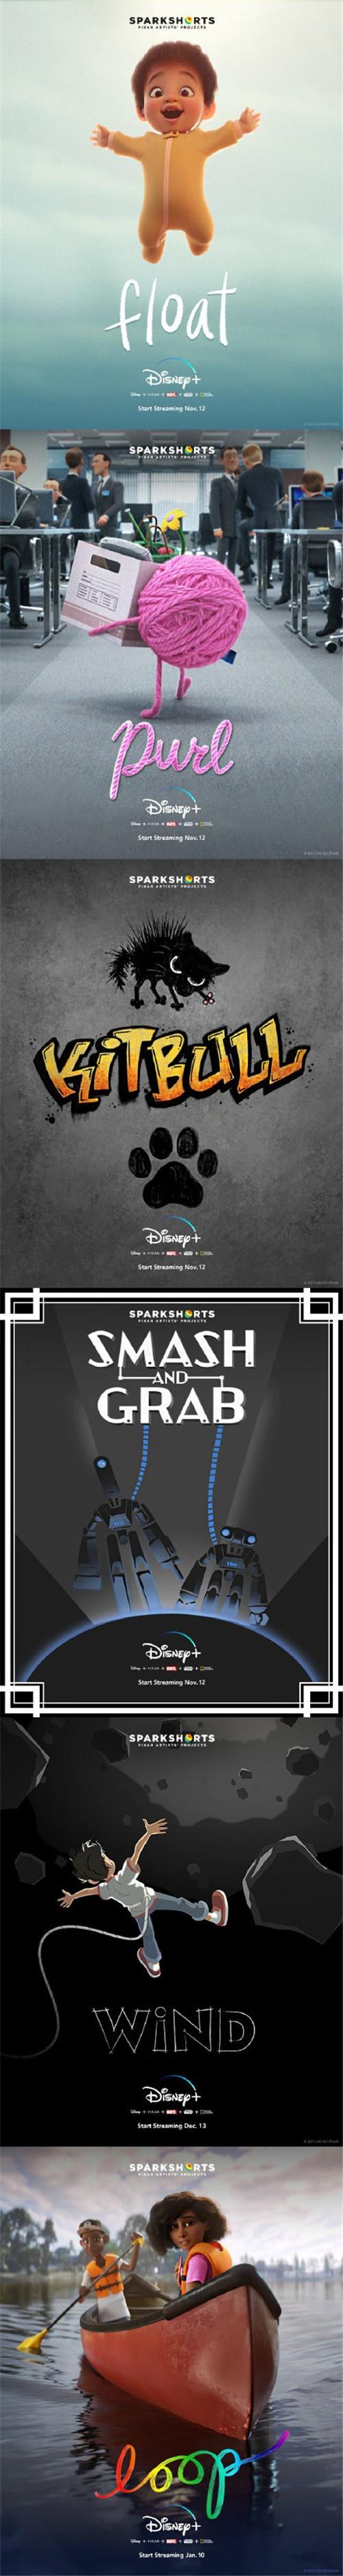 皮克斯为迪士尼流媒体Disney+上线打造了六部动画短片